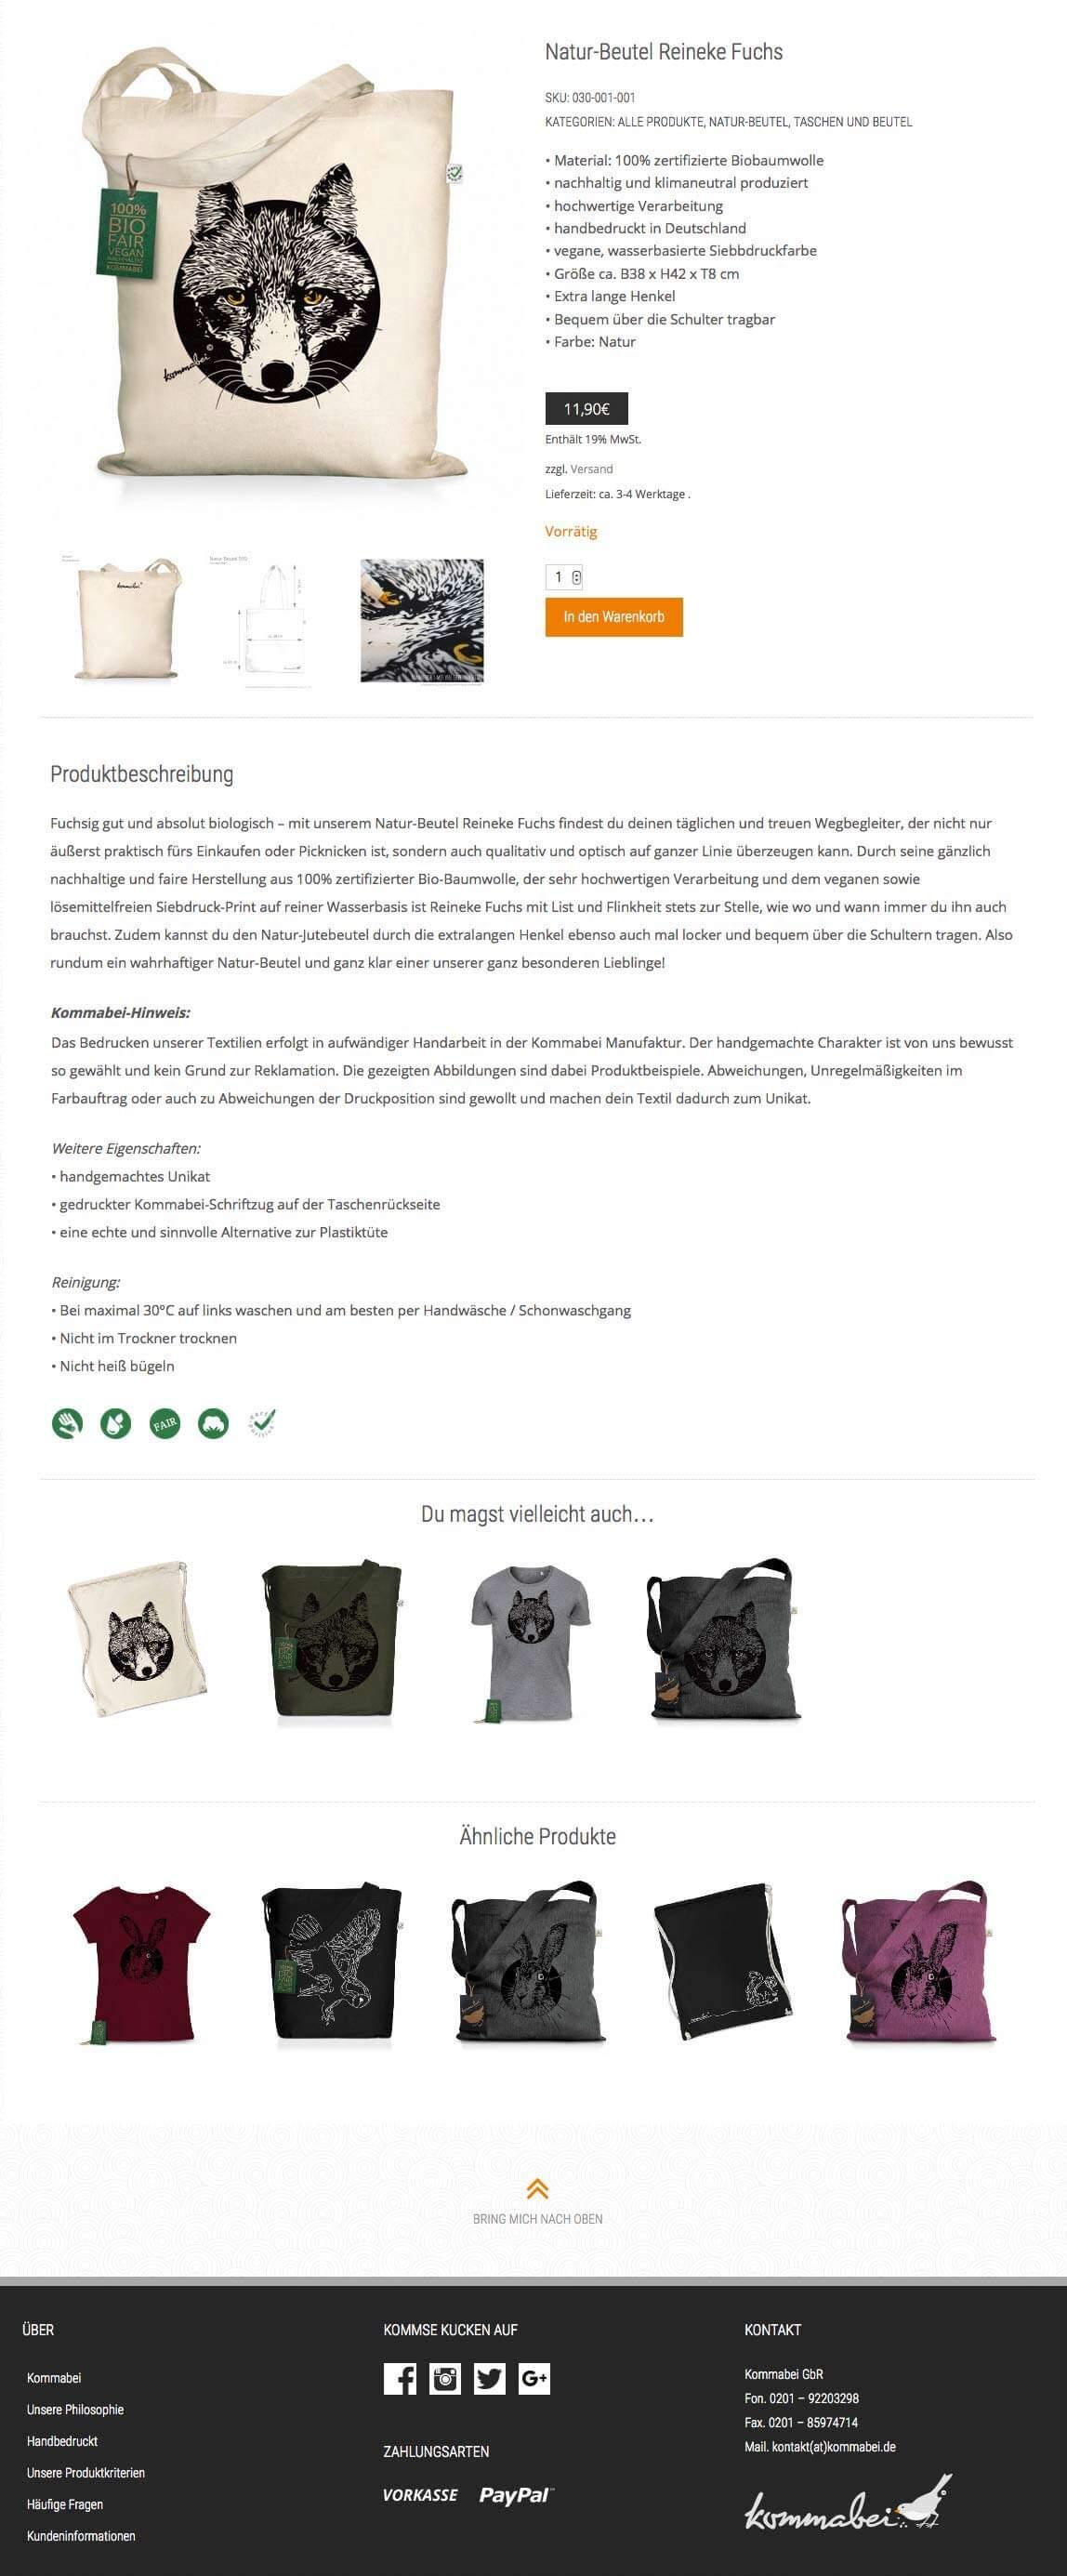 mediadesign linke - Kommabei Wording responsiver Webshop auf WordPress Basis - Produktbeschreibungen und Aufbau / Struktur